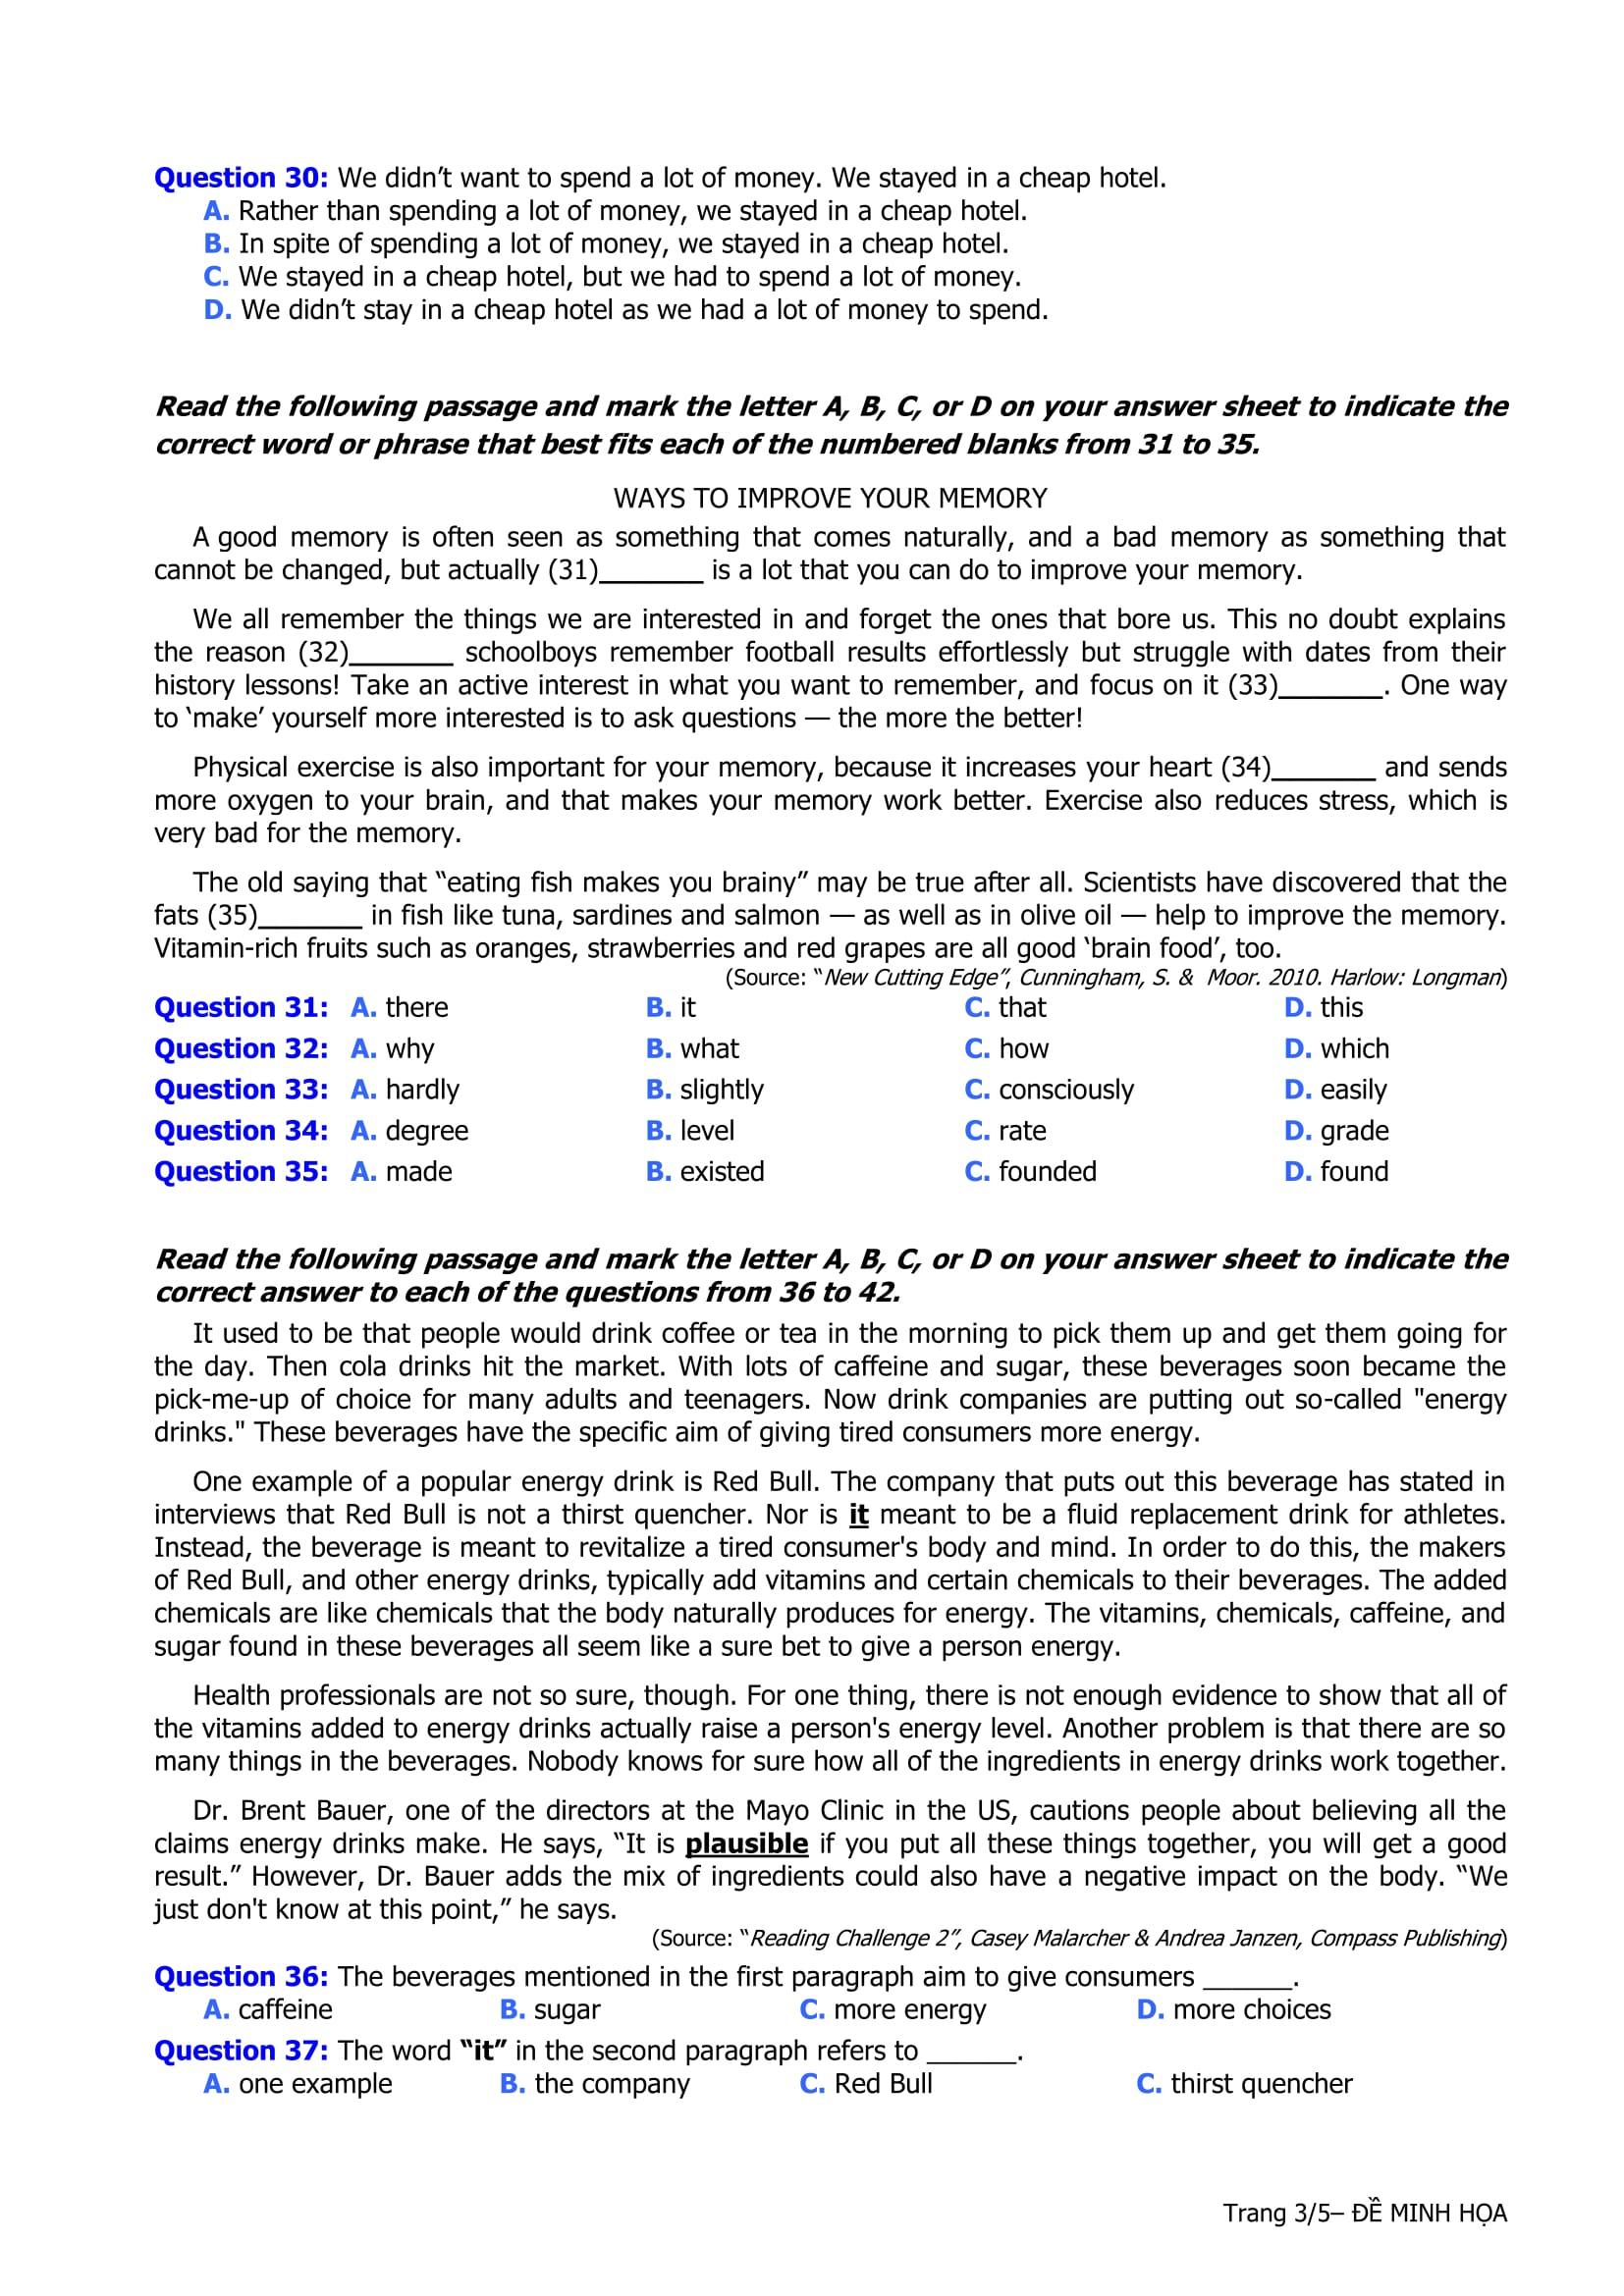 Đề thi mẫu môn tiếng Anh của kỳ thi THPT quốc gia 2017 - Trang 03